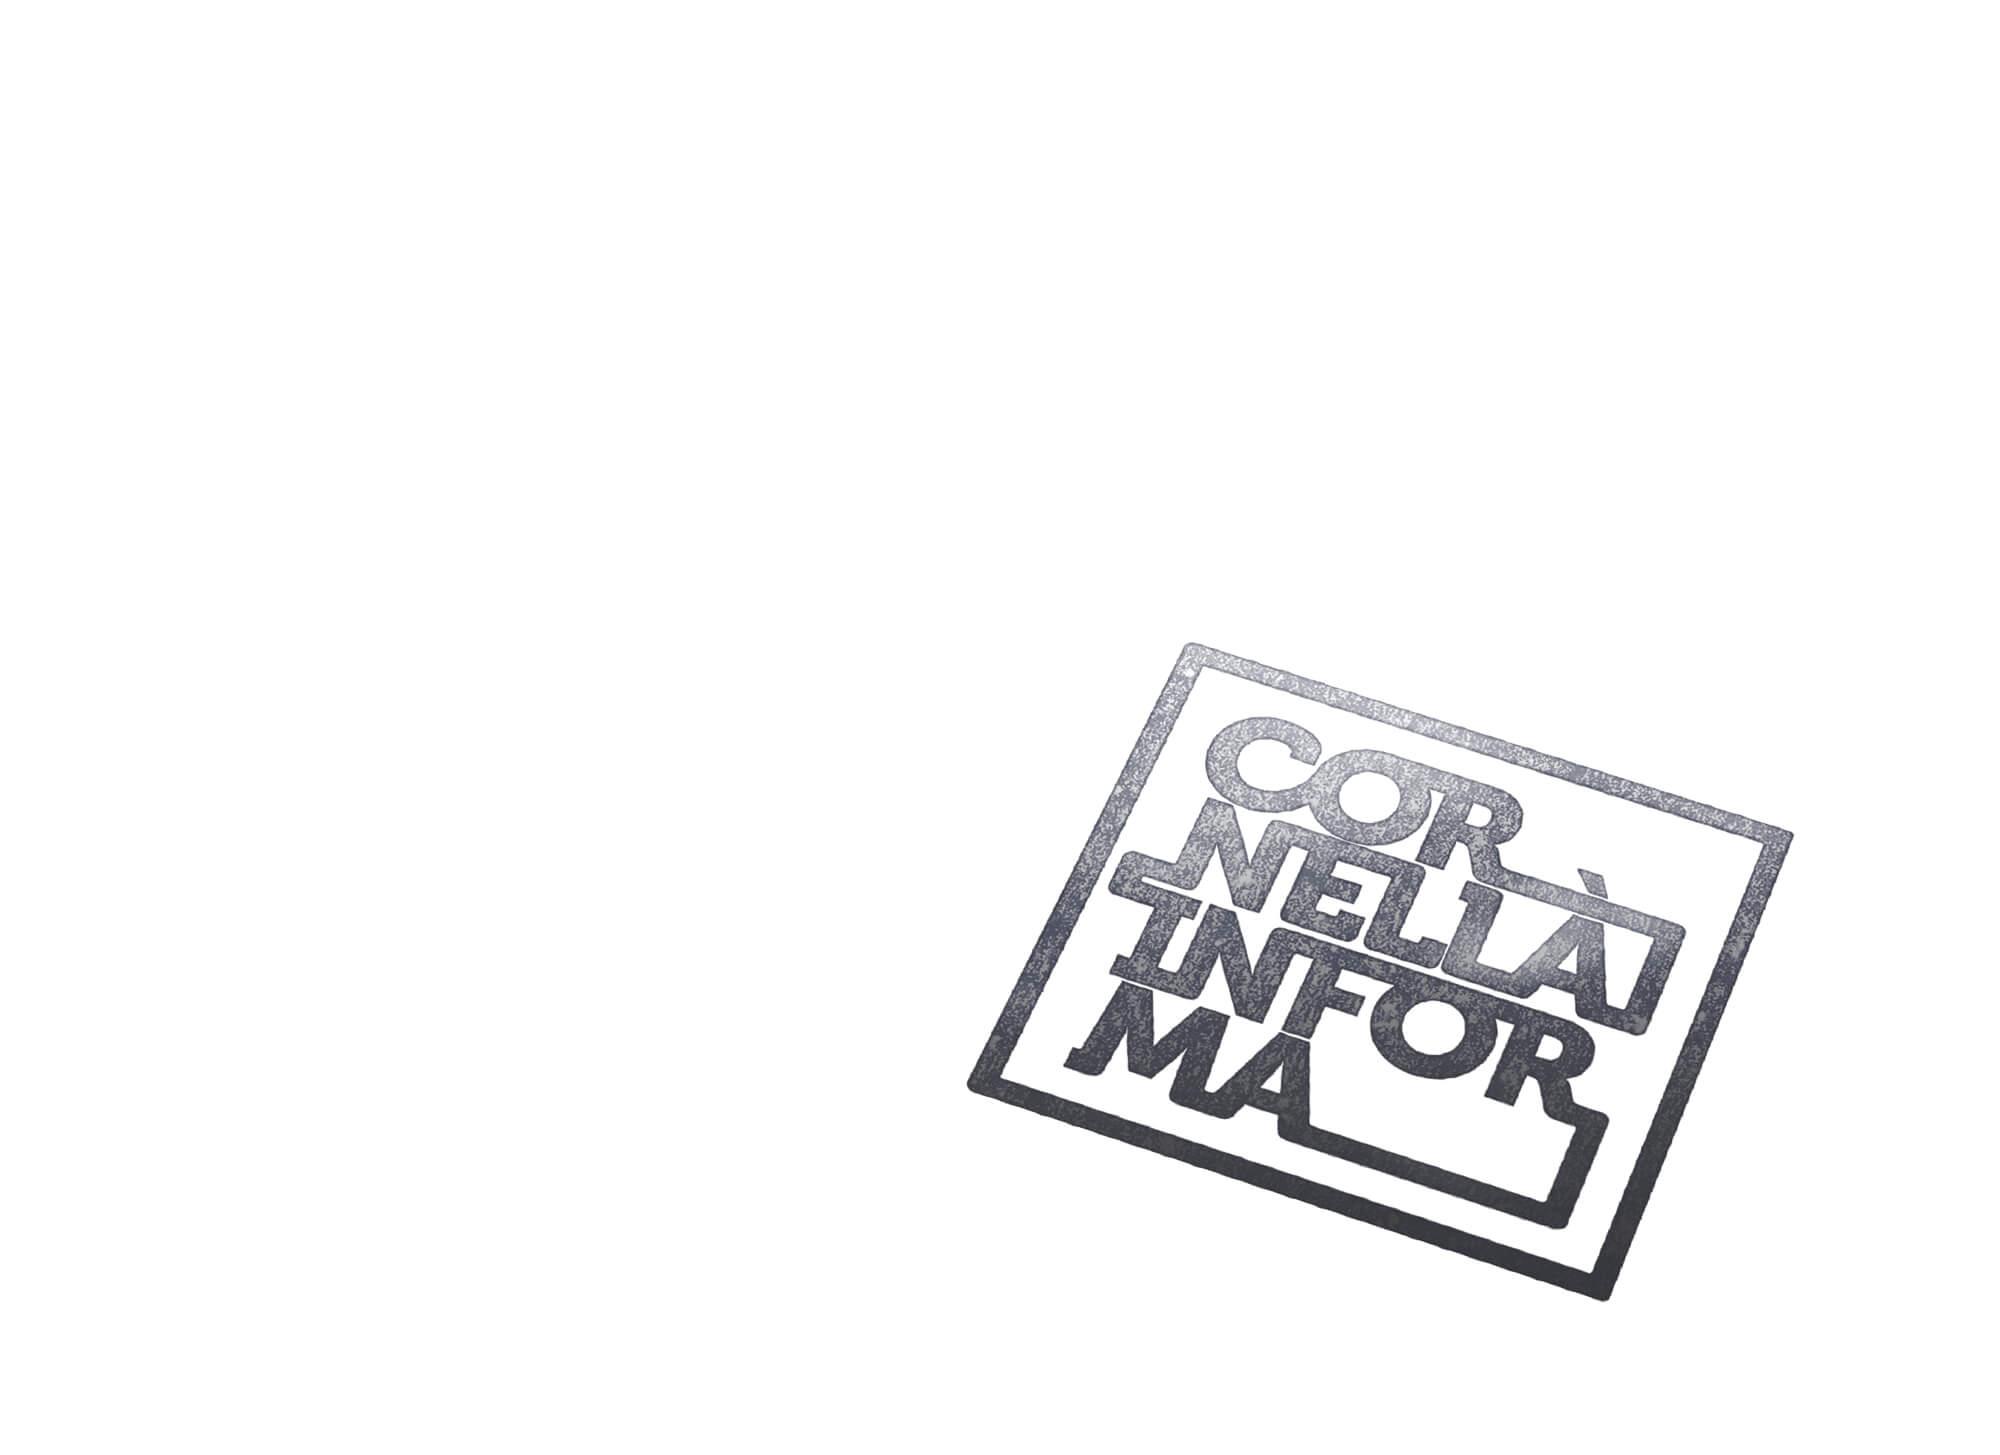 laNegreta-Cornella-Informa-Logotip-Efecte-2.jpg